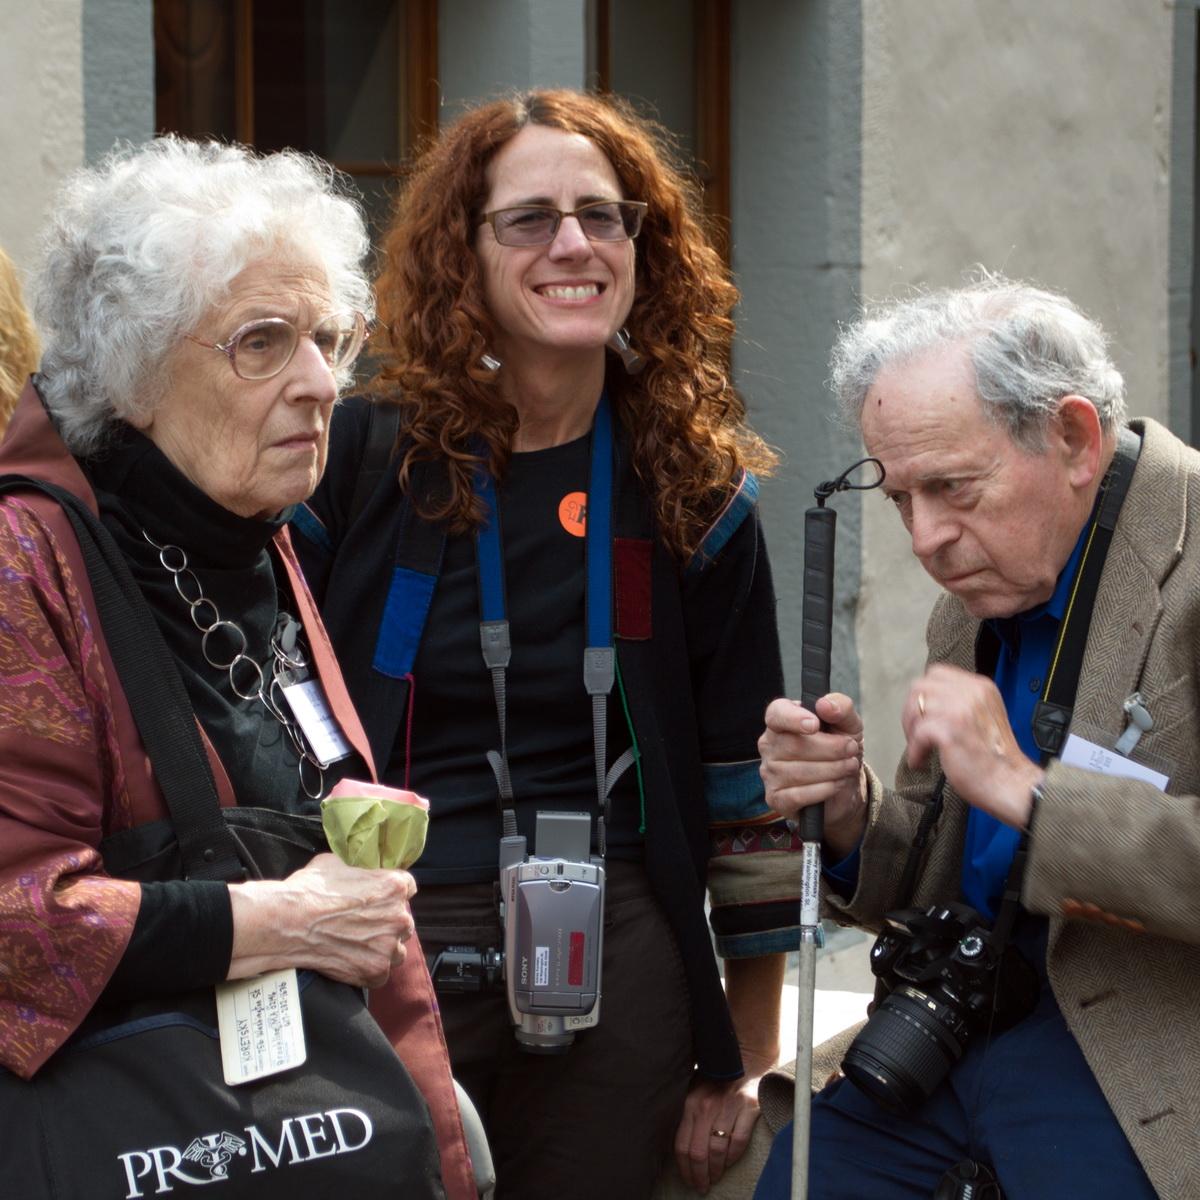 Elaine Koretsky (Links), Sidney Koretsky (rechts) und in der Mitte die Tochter Donna Koretsky (Foto: Frieder Schmidt, an der Basler Papiermühle beim IPH-Kongress 2012)